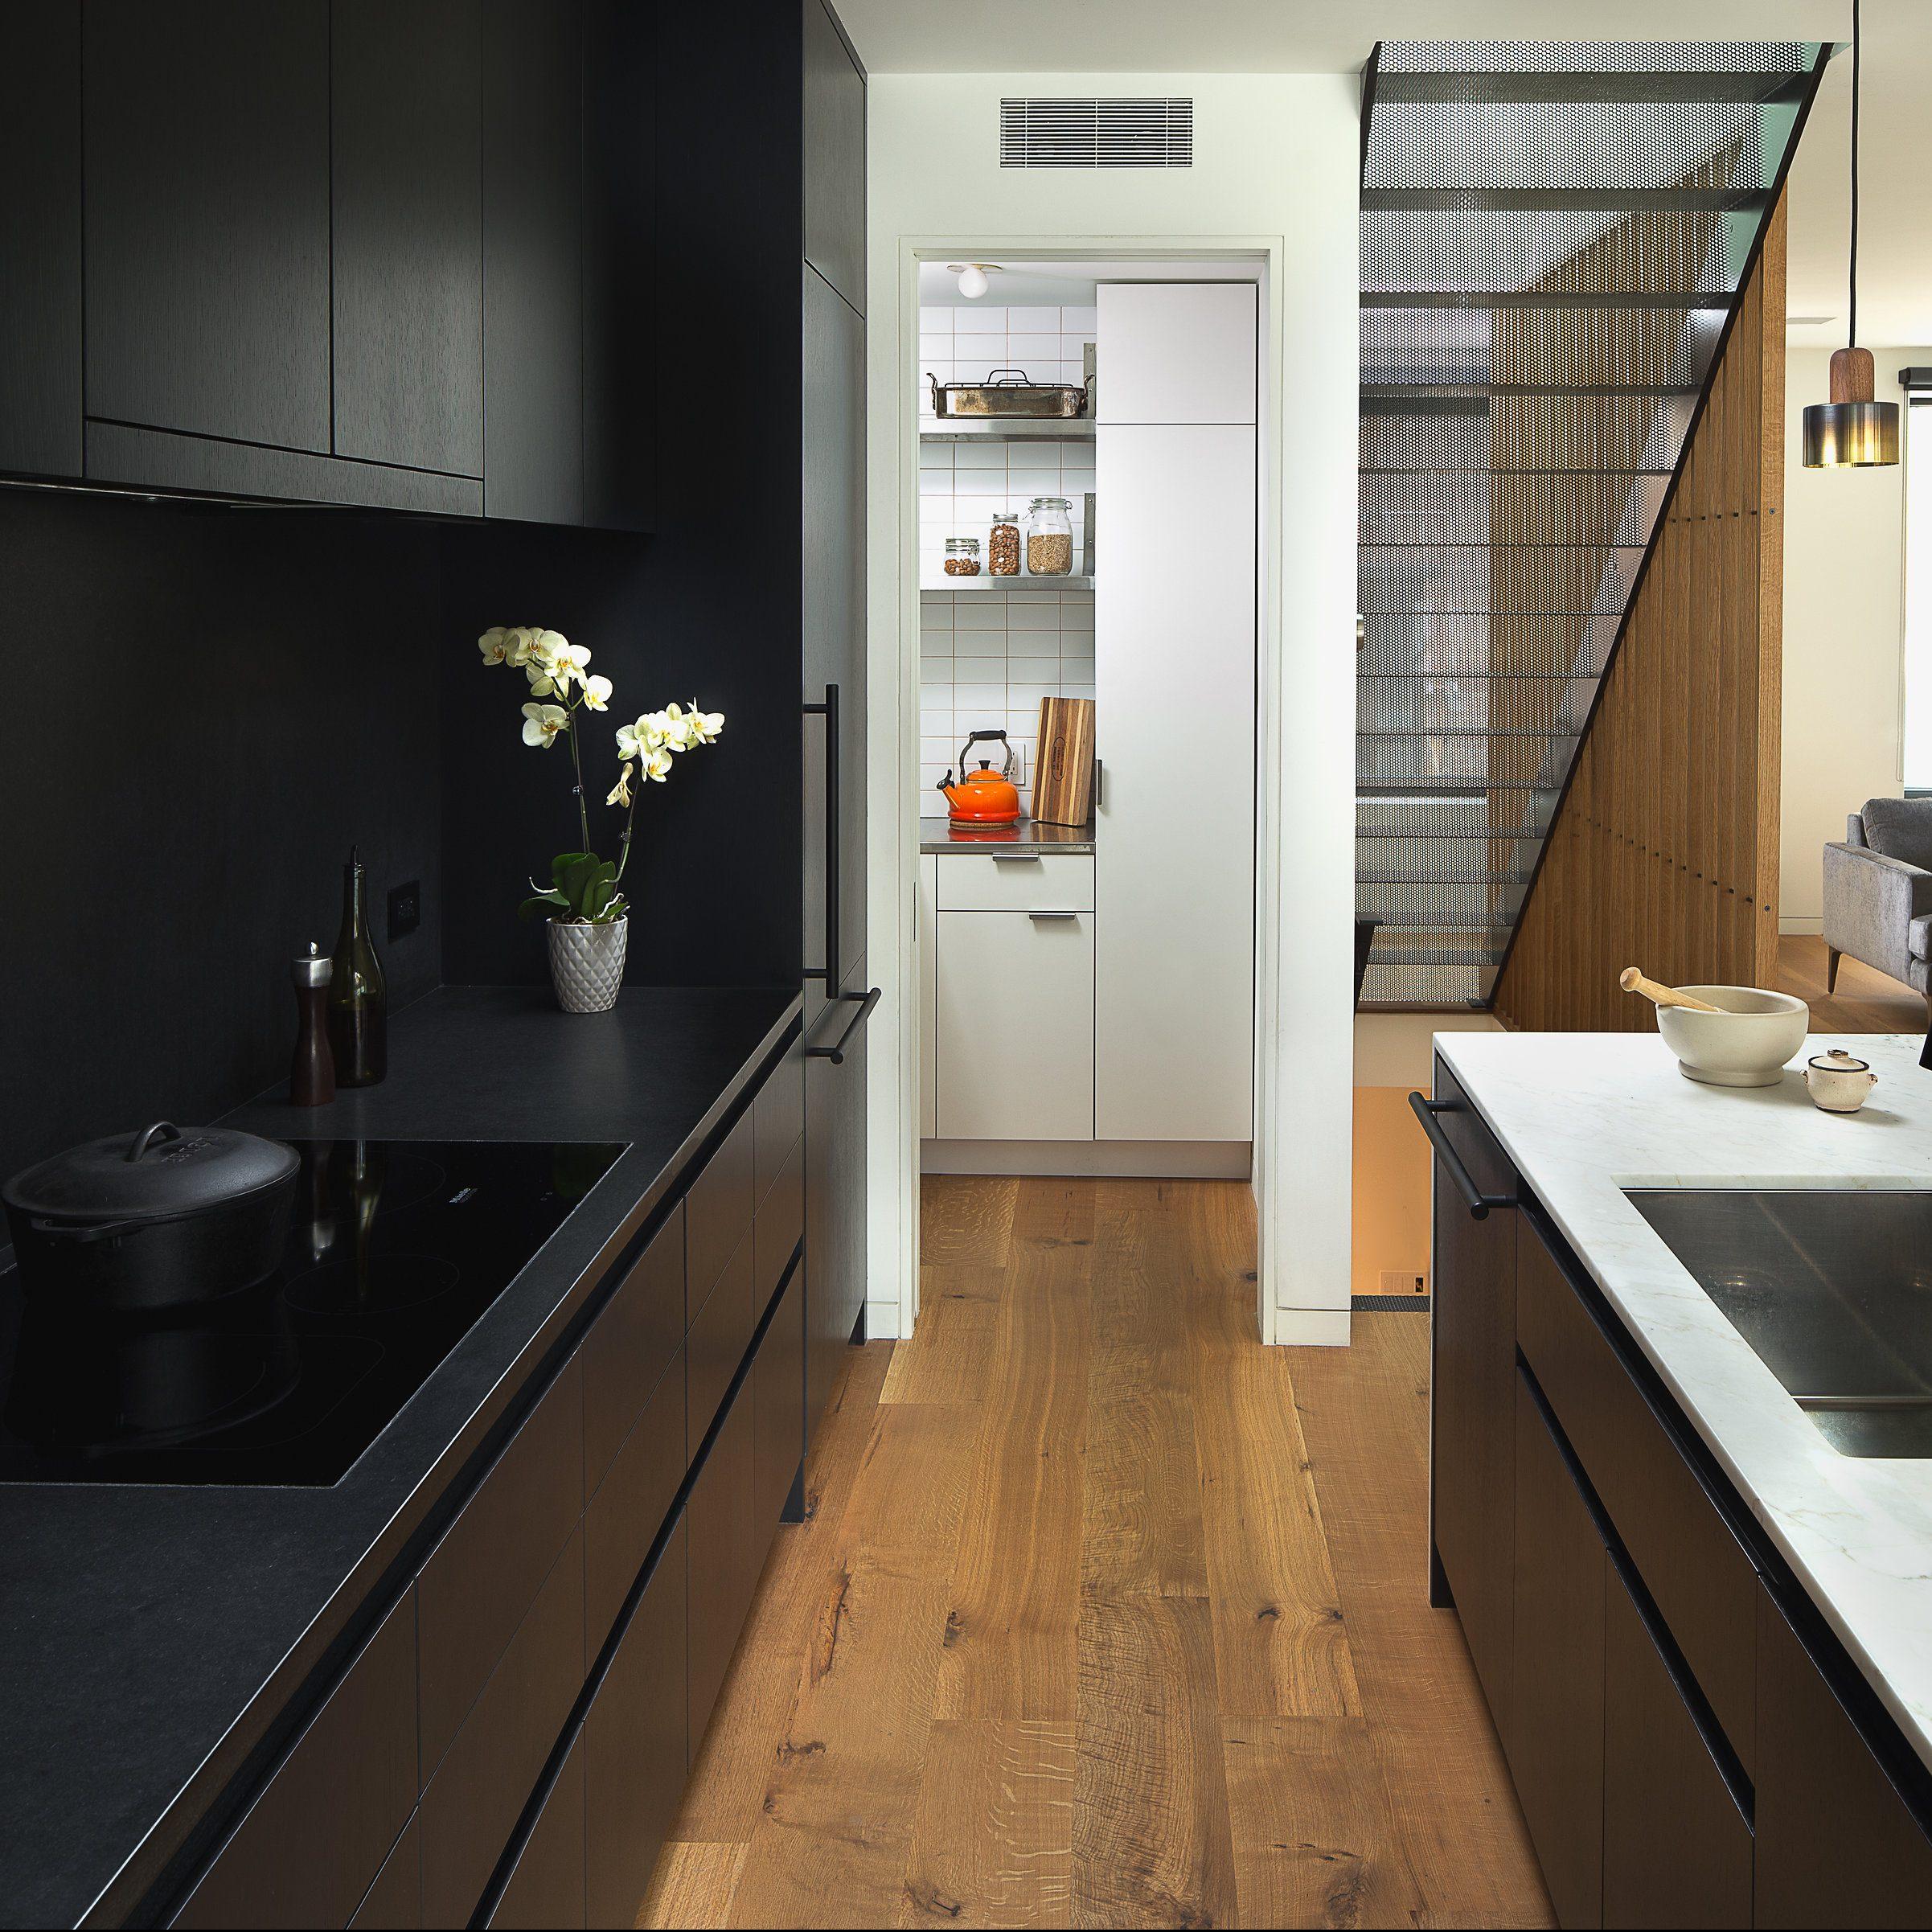 kitchen_5_day